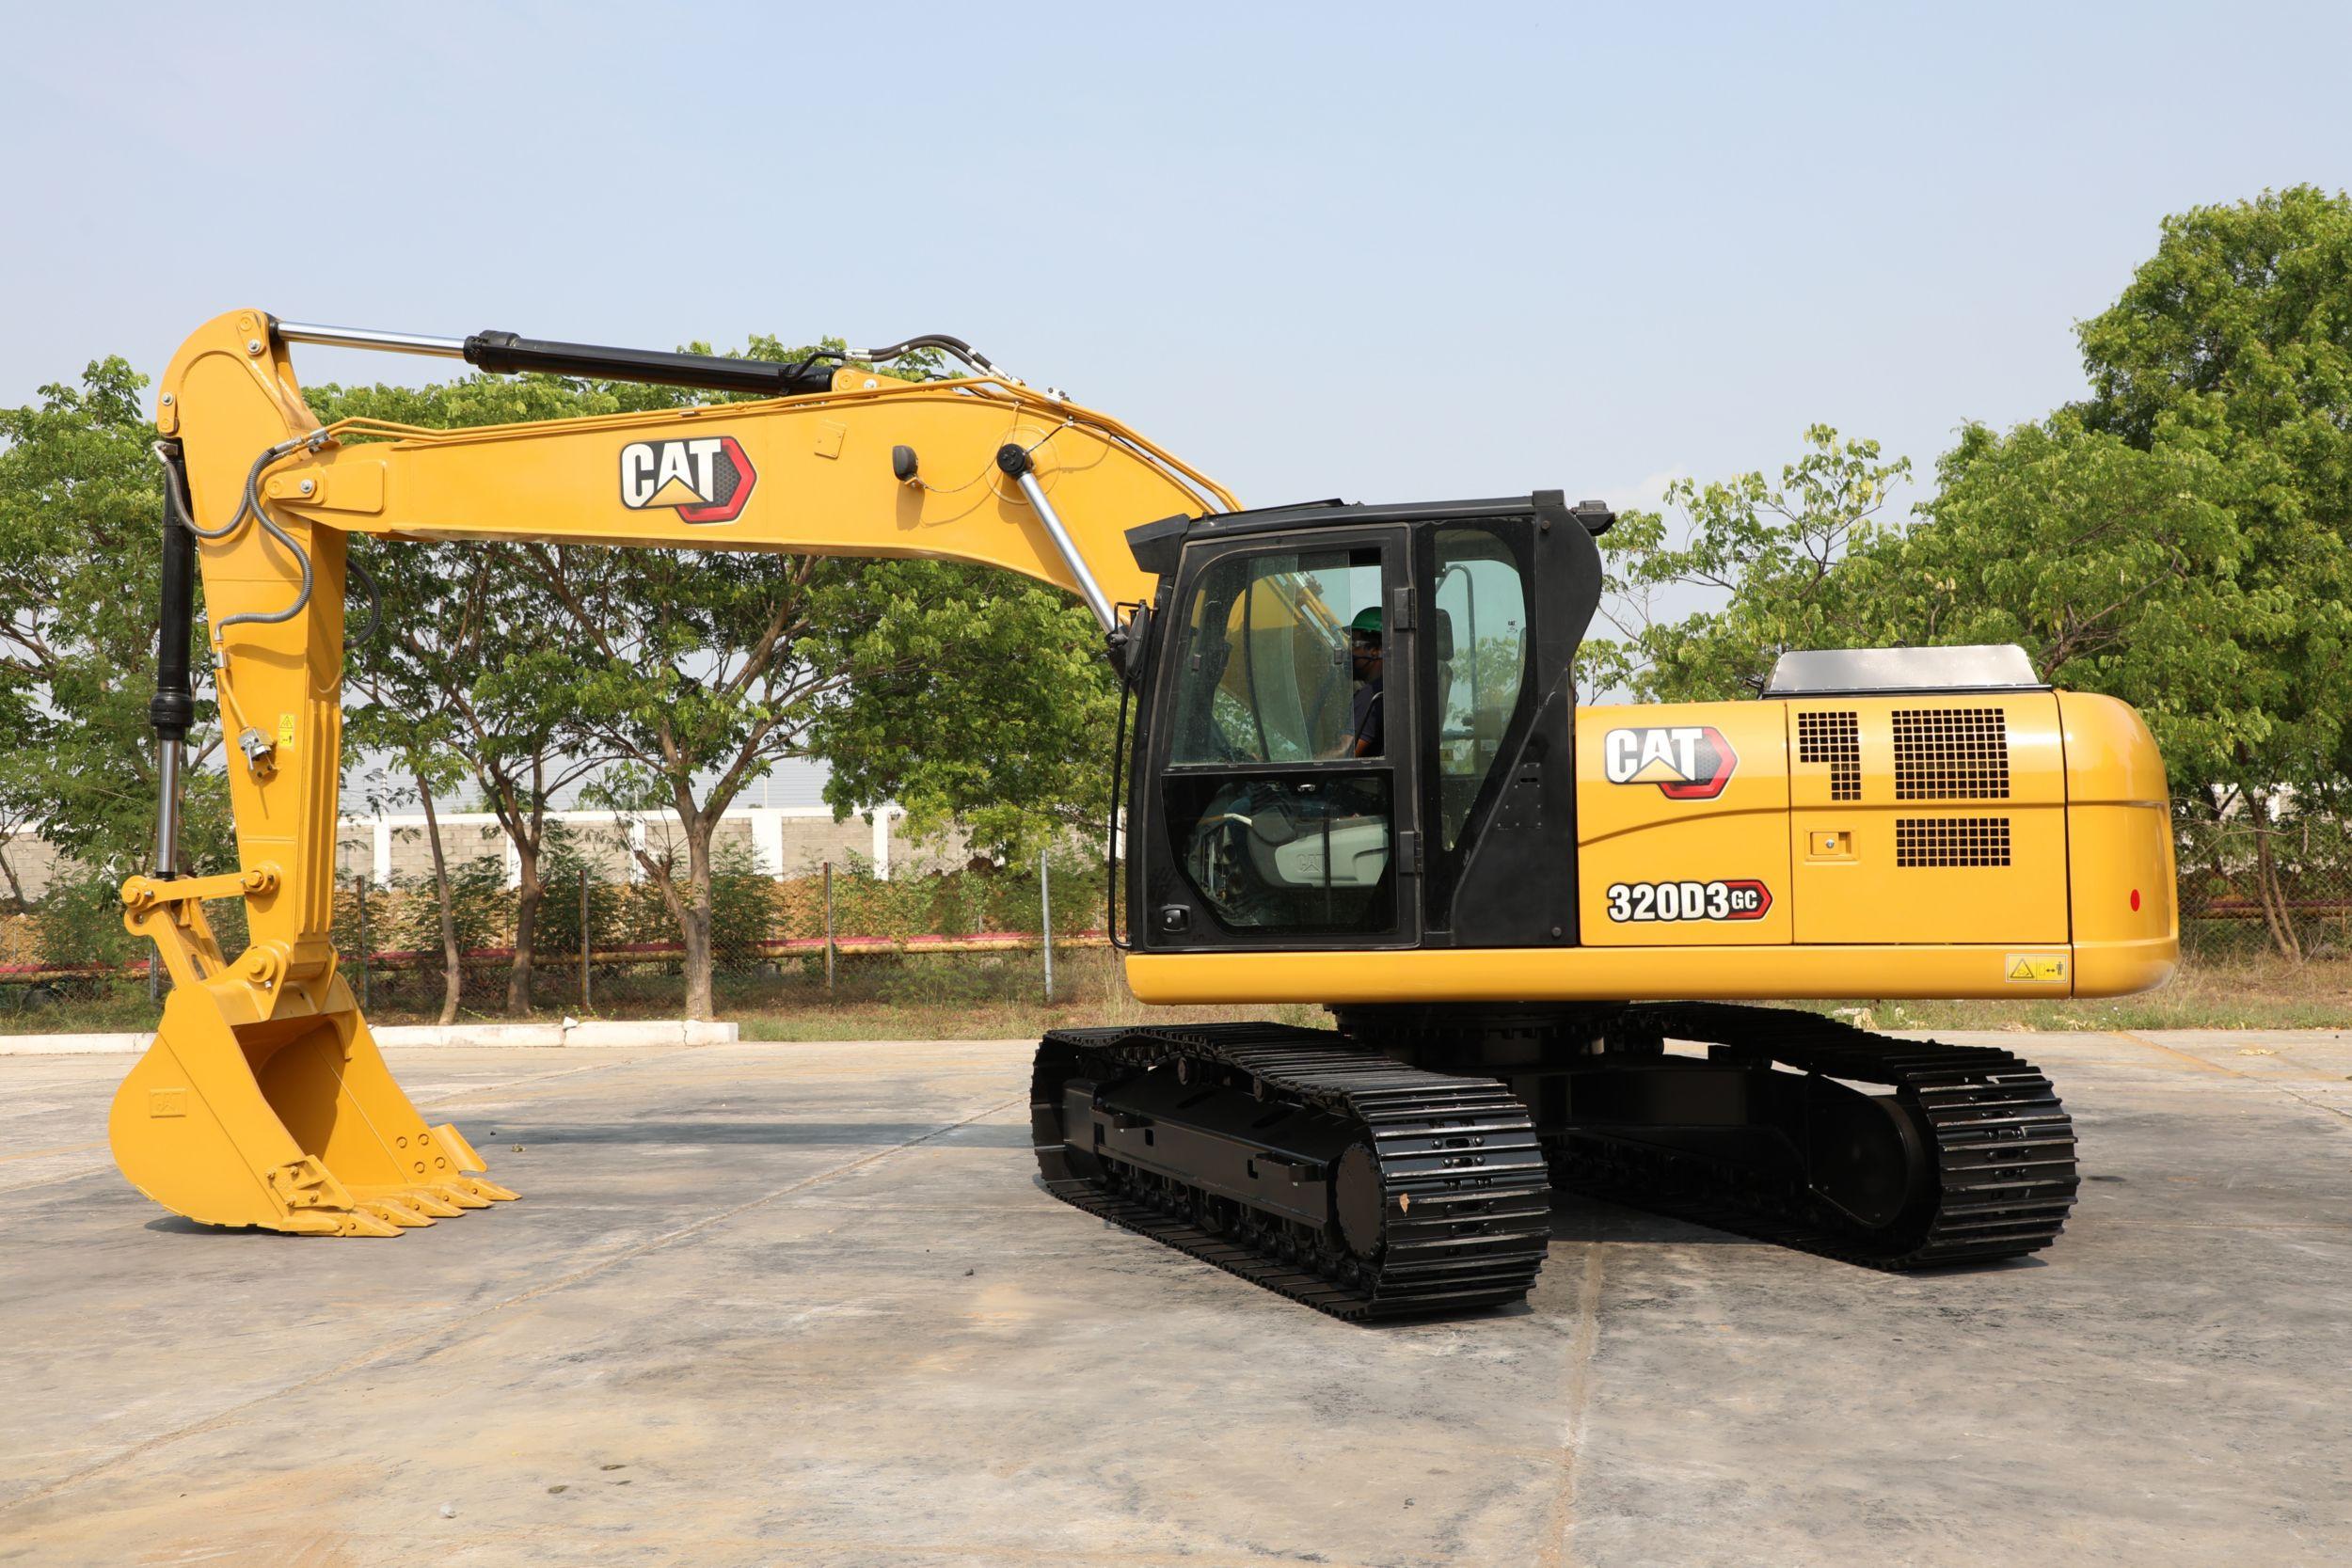 320D3GC excavators